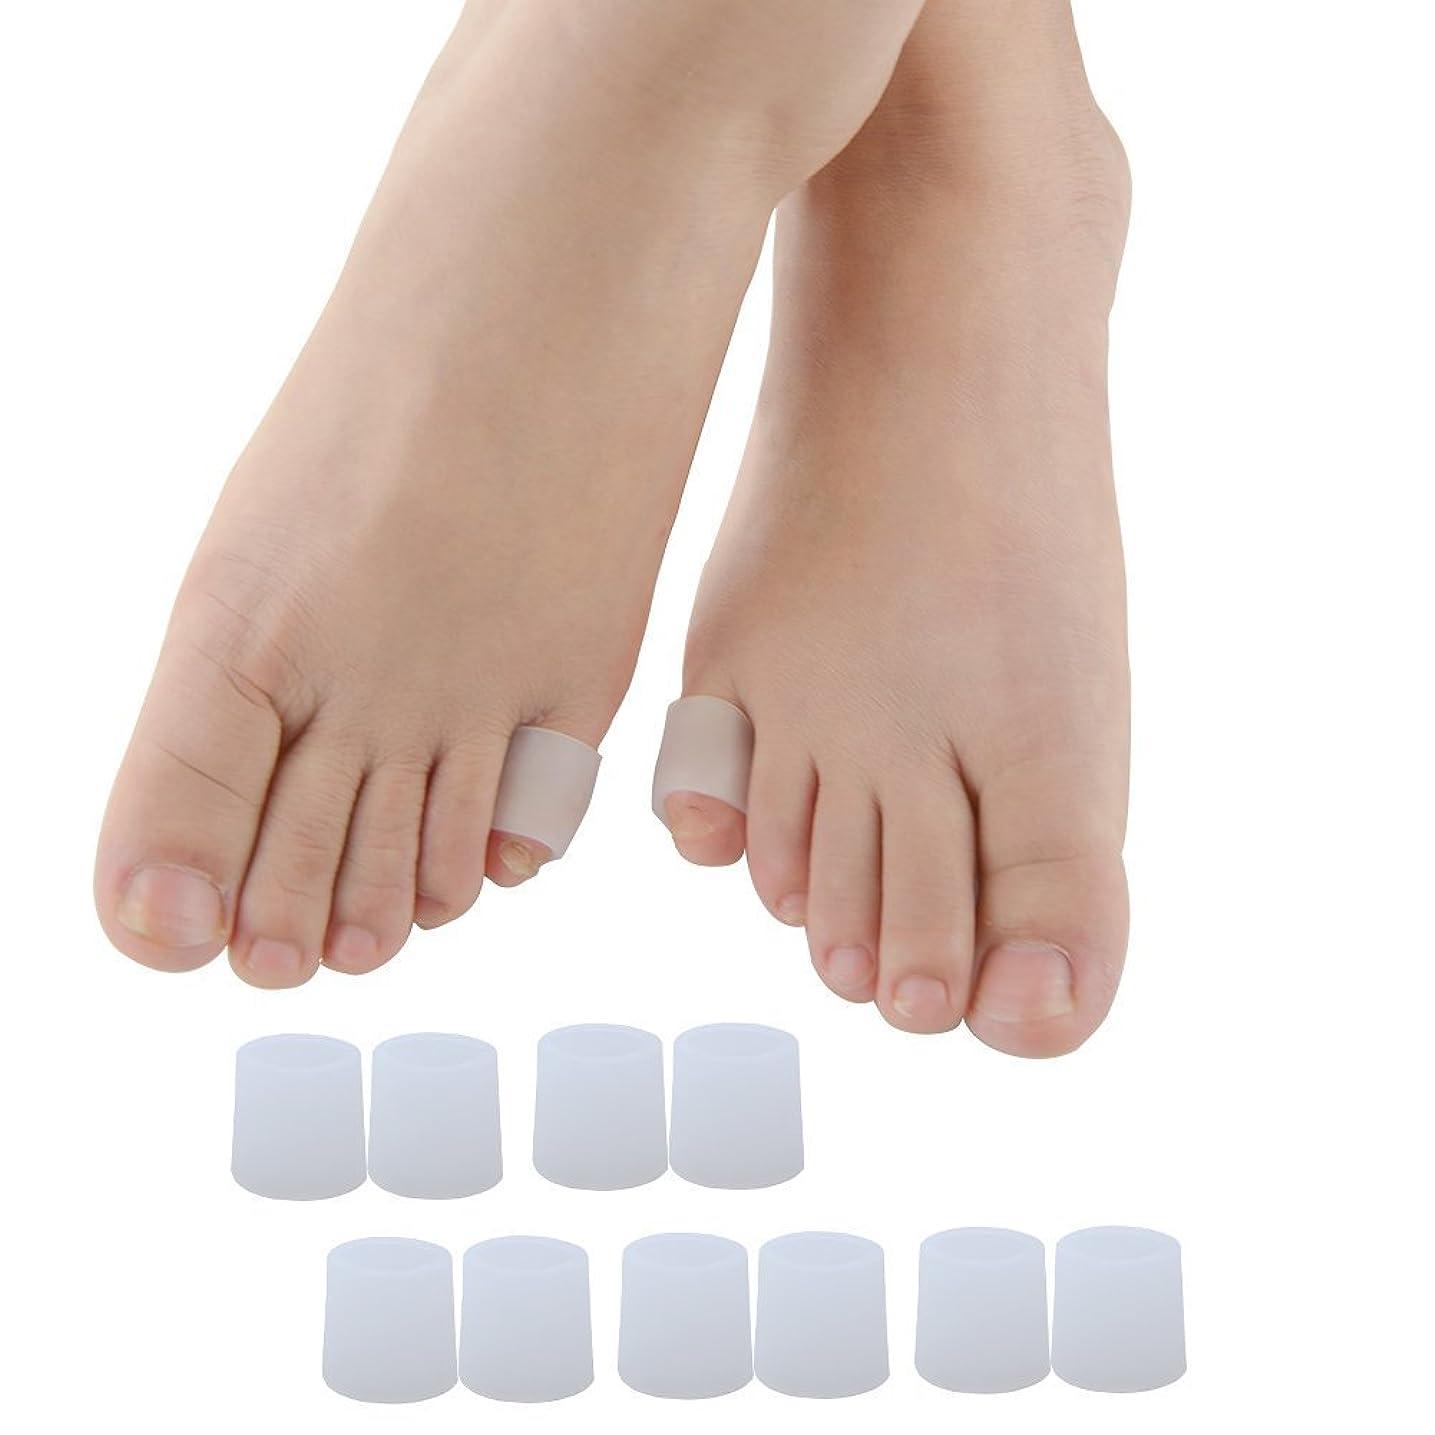 好ましい狂人静かにPovihome 足指 足爪 保護キャップ 小指 5ペア,足の小指保護, 白い 足 指 キャップ